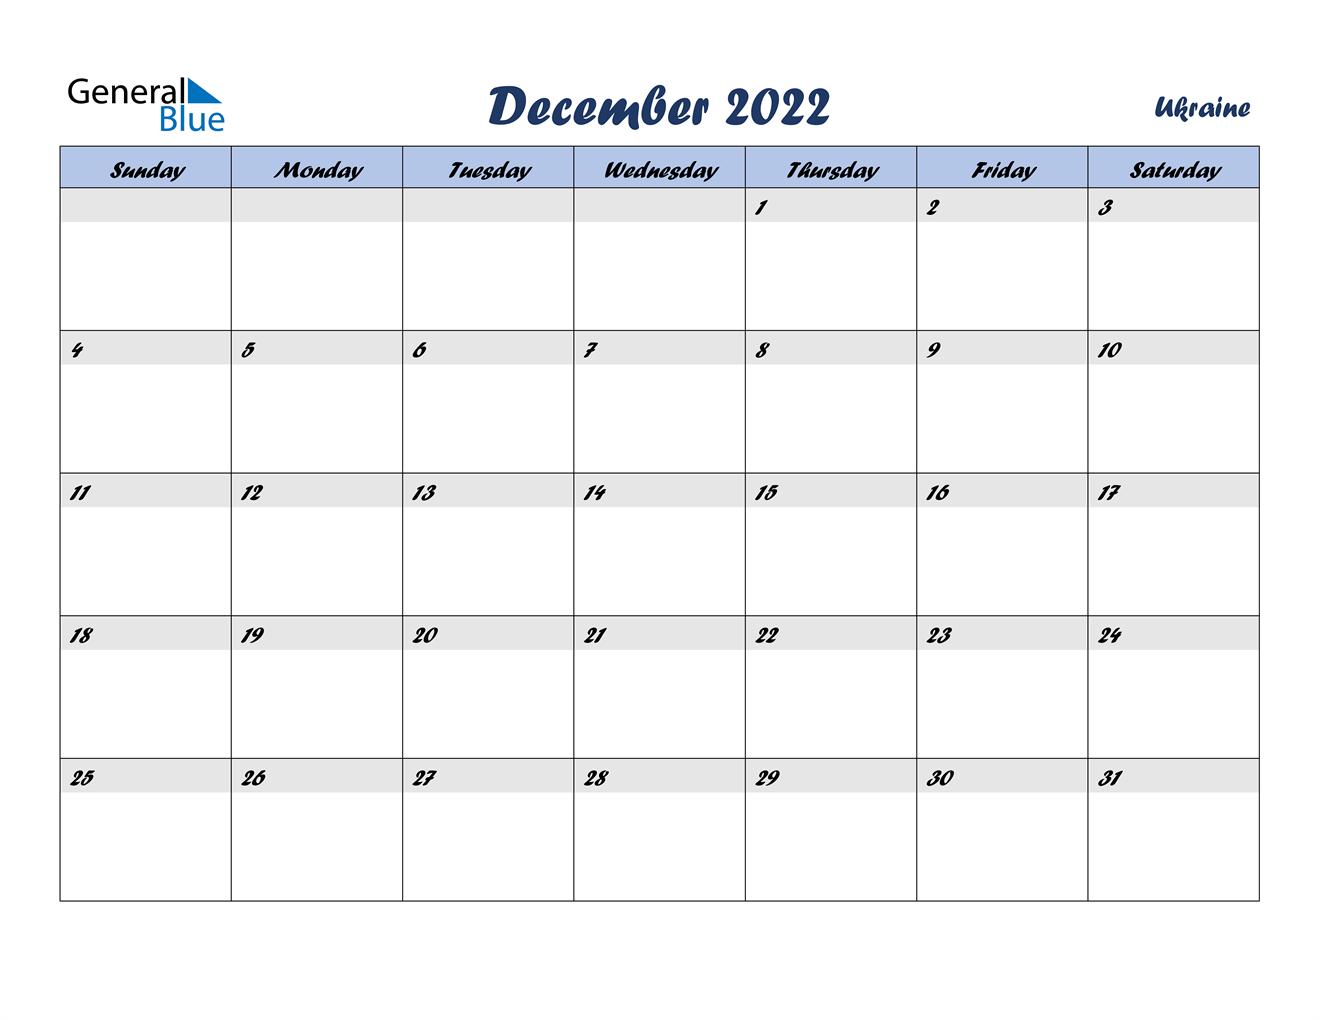 December 2022 Calendar - Ukraine